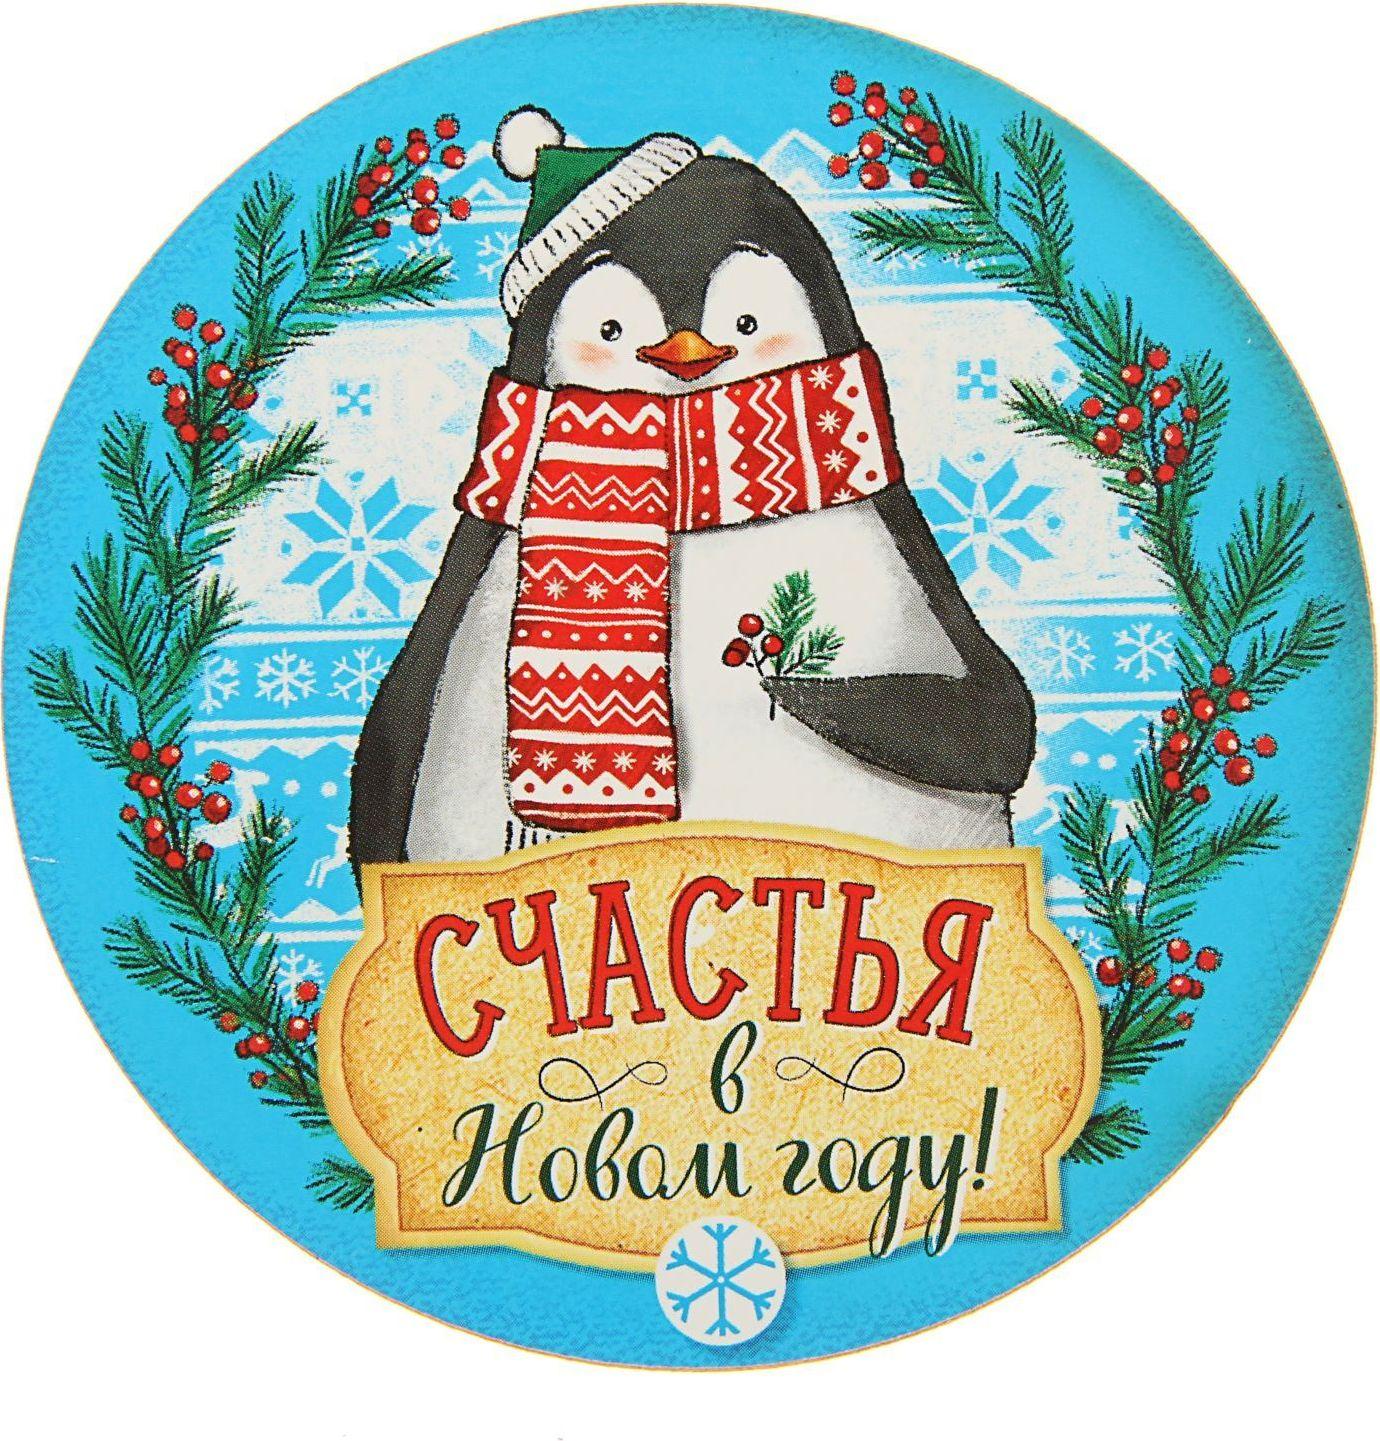 Магнит Sima-land Счастья в Новом году! Пингвин, 9 х 9 см1493236Порадуйте родных и близких оригинальным сувениром: преподнесите в подарок магнит. С ним даже самый серьёзный человек почувствует себя ребёнком, ожидающим чудо!Создайте праздничное настроение, и оно останется с вами на весь год.